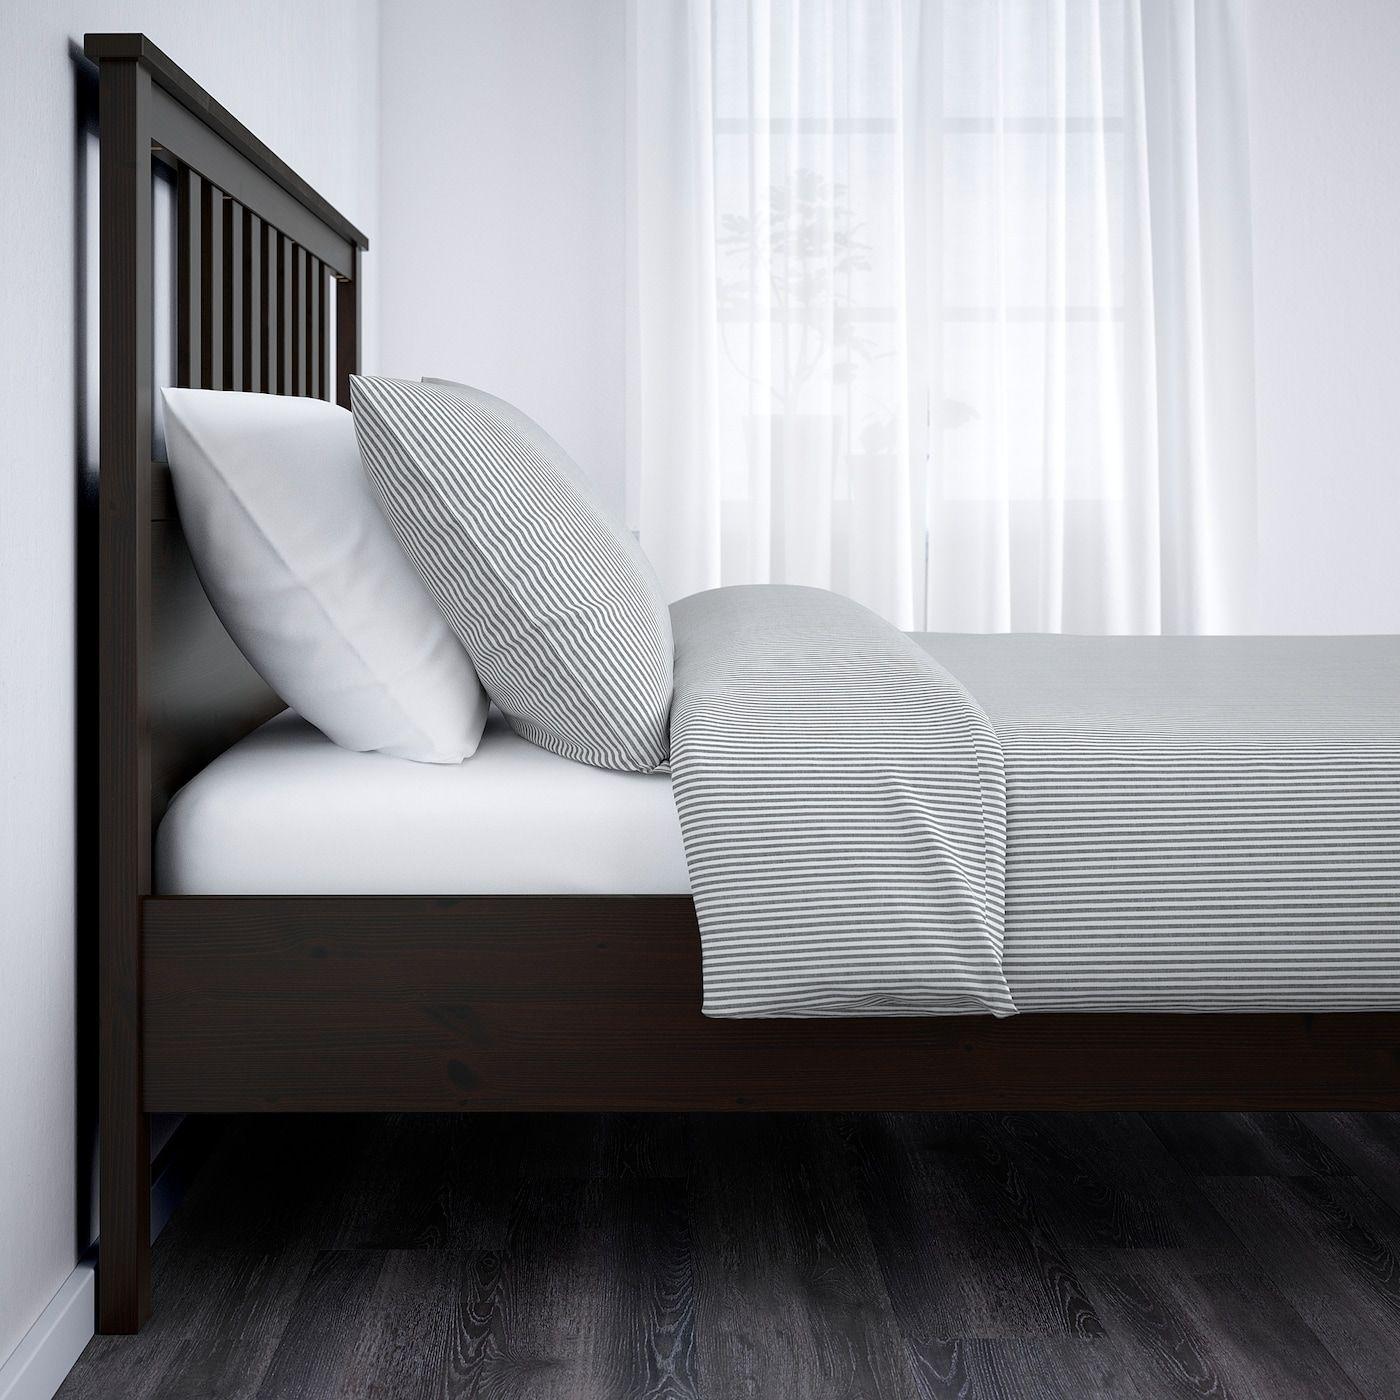 Hemnes Bettgestell Schwarzbraun Lonset In 2020 Ikea Hemnes Bett Verstellbare Betten Und Bettgestell